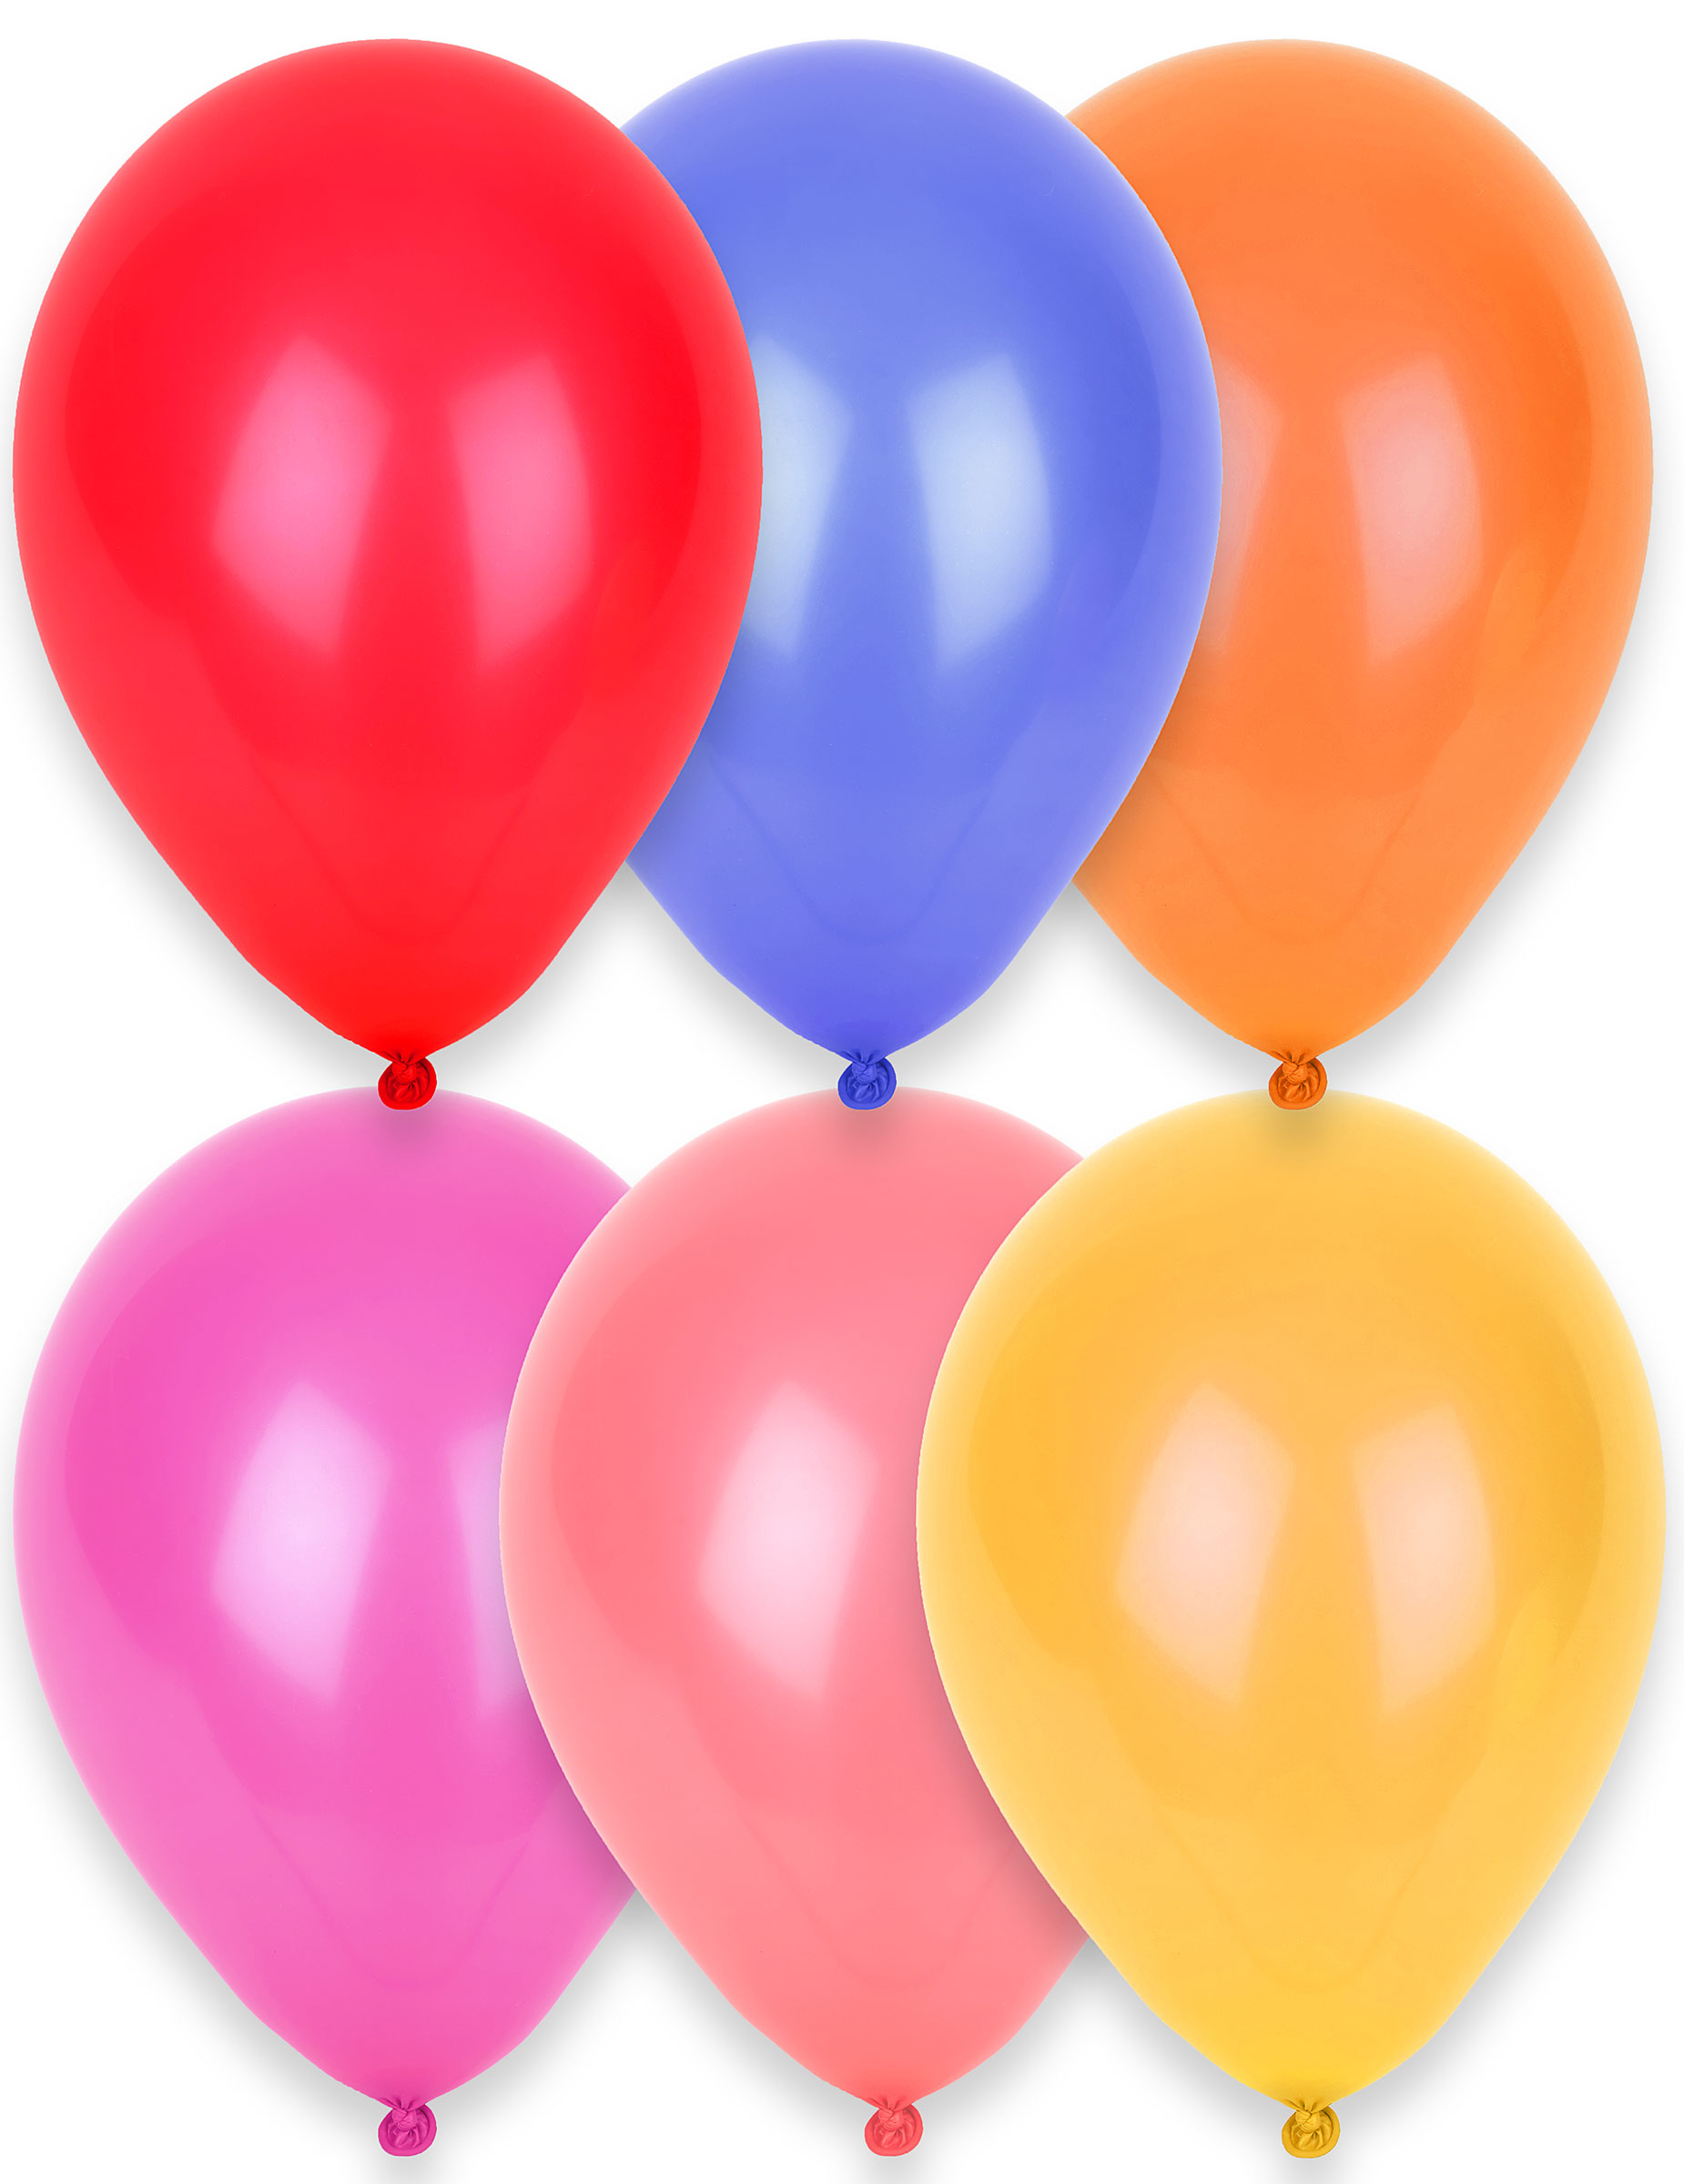 Party Deko 24 : party luftballons party deko 24 st ck bunt 28cm g nstige faschings partydeko zubeh r bei ~ Orissabook.com Haus und Dekorationen